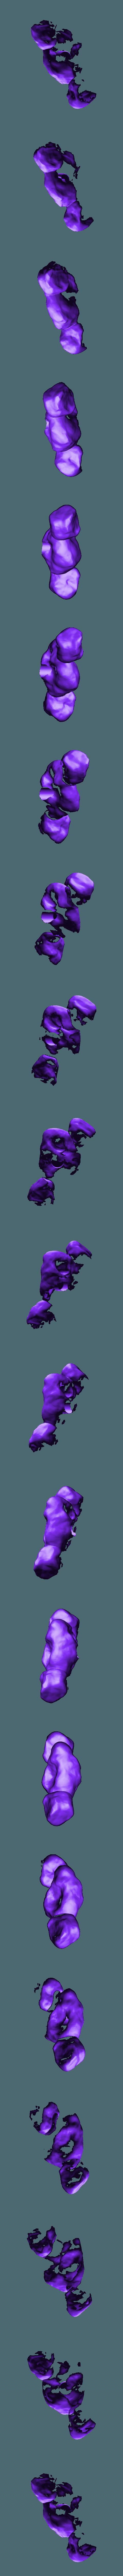 cluster.stl Download free STL file The Space Set • 3D print design, HeribertoValle